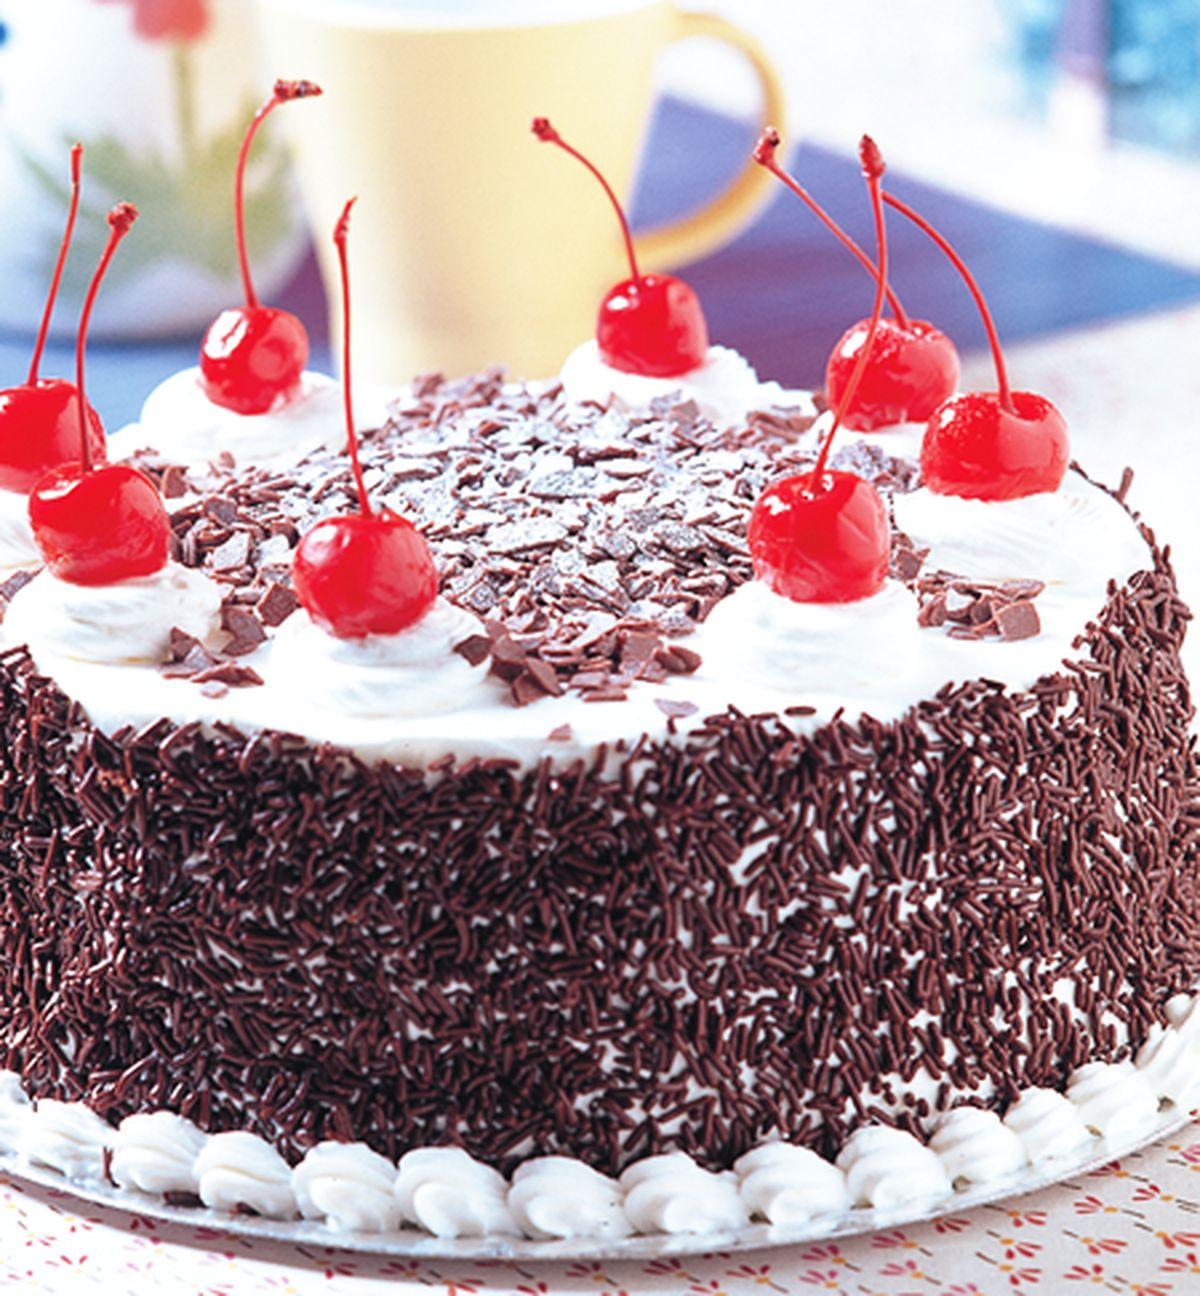 食譜:黑森林蛋糕(1)